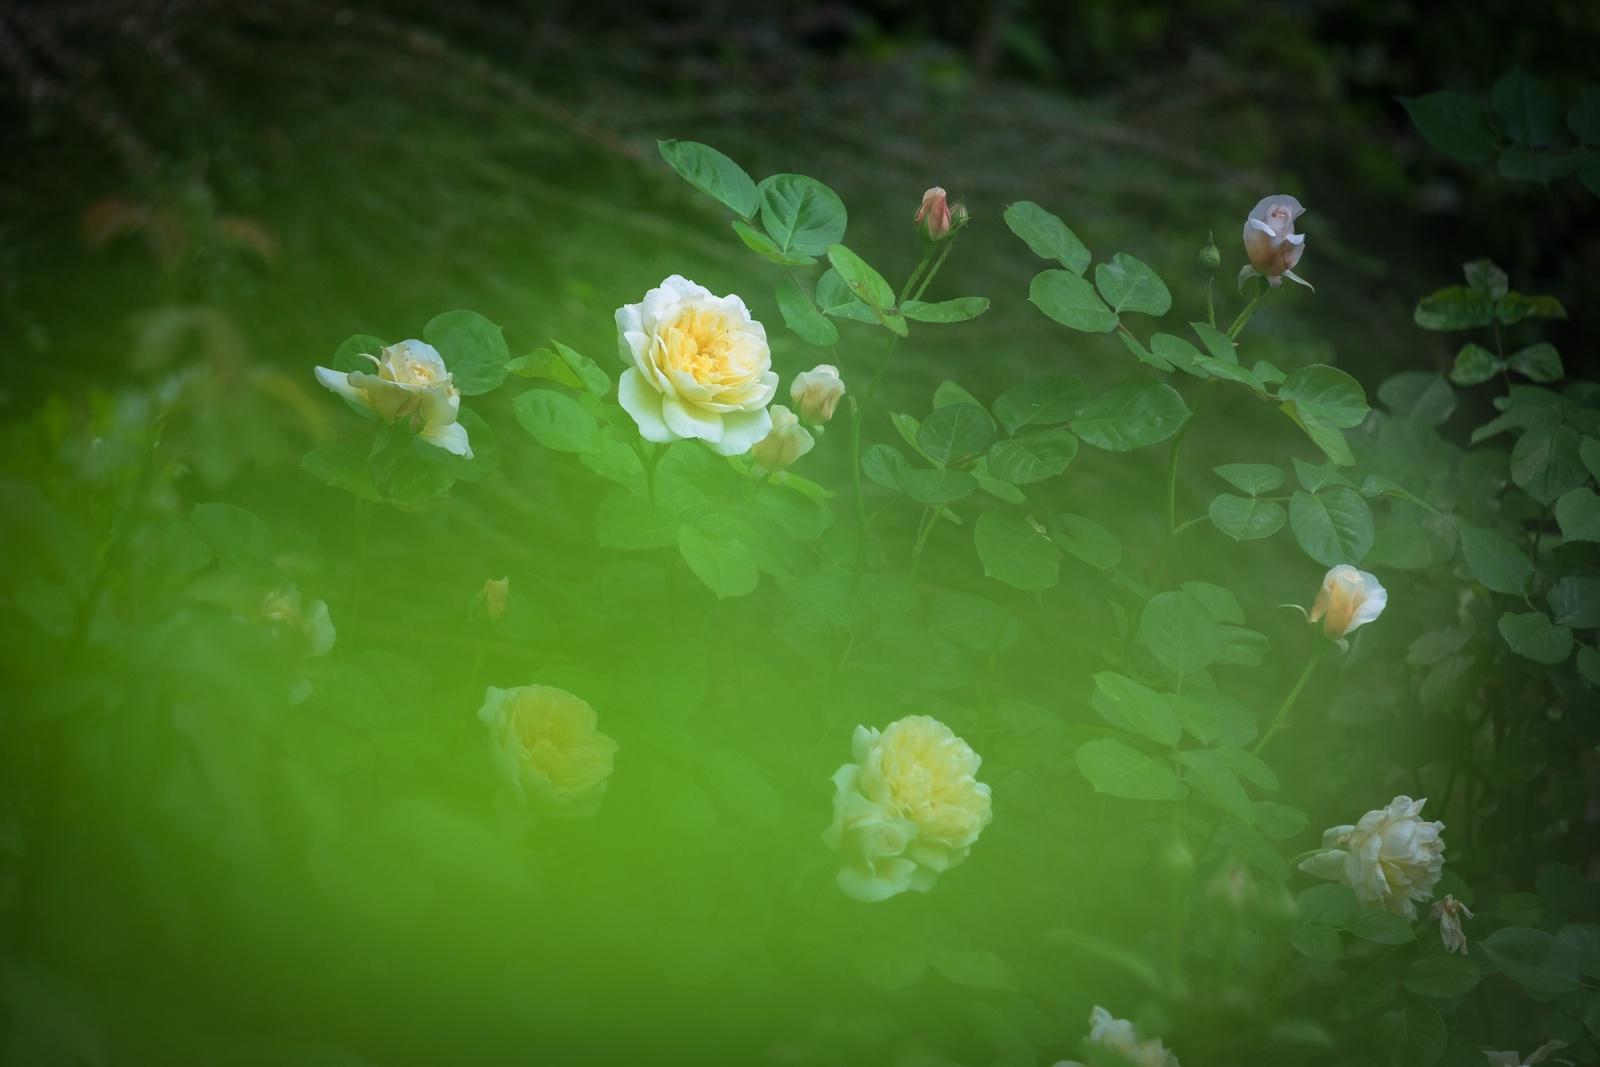 From Gabriella's garden